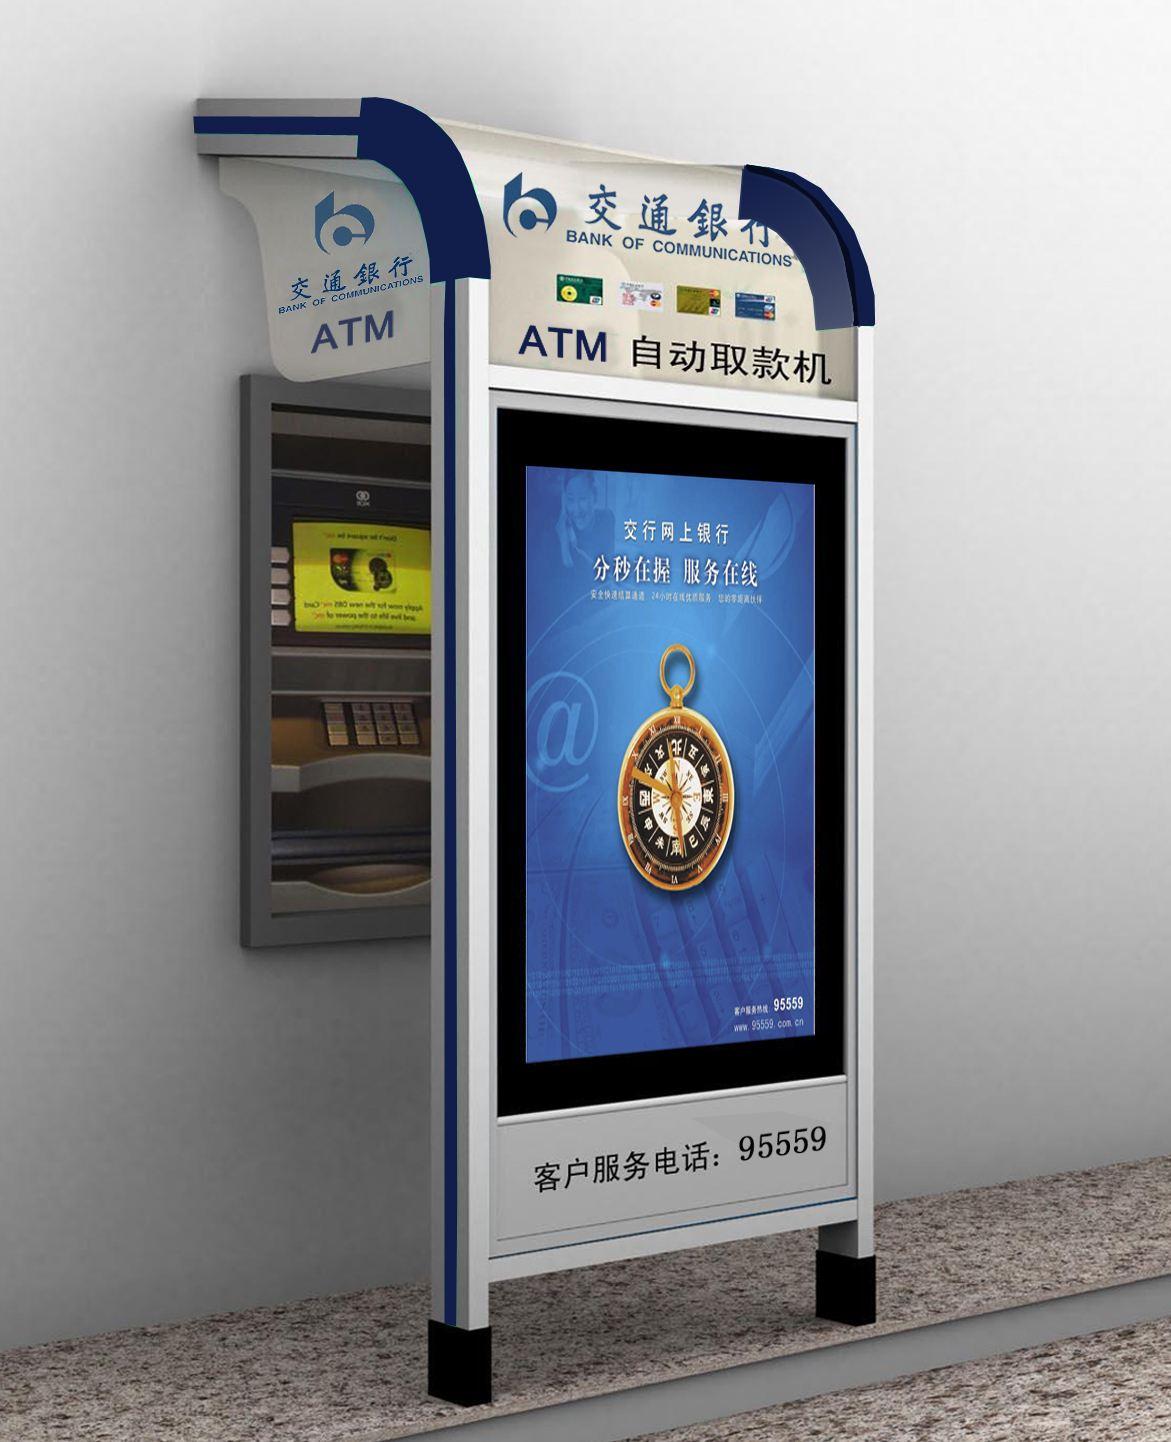 房山ATM防护罩供求信息